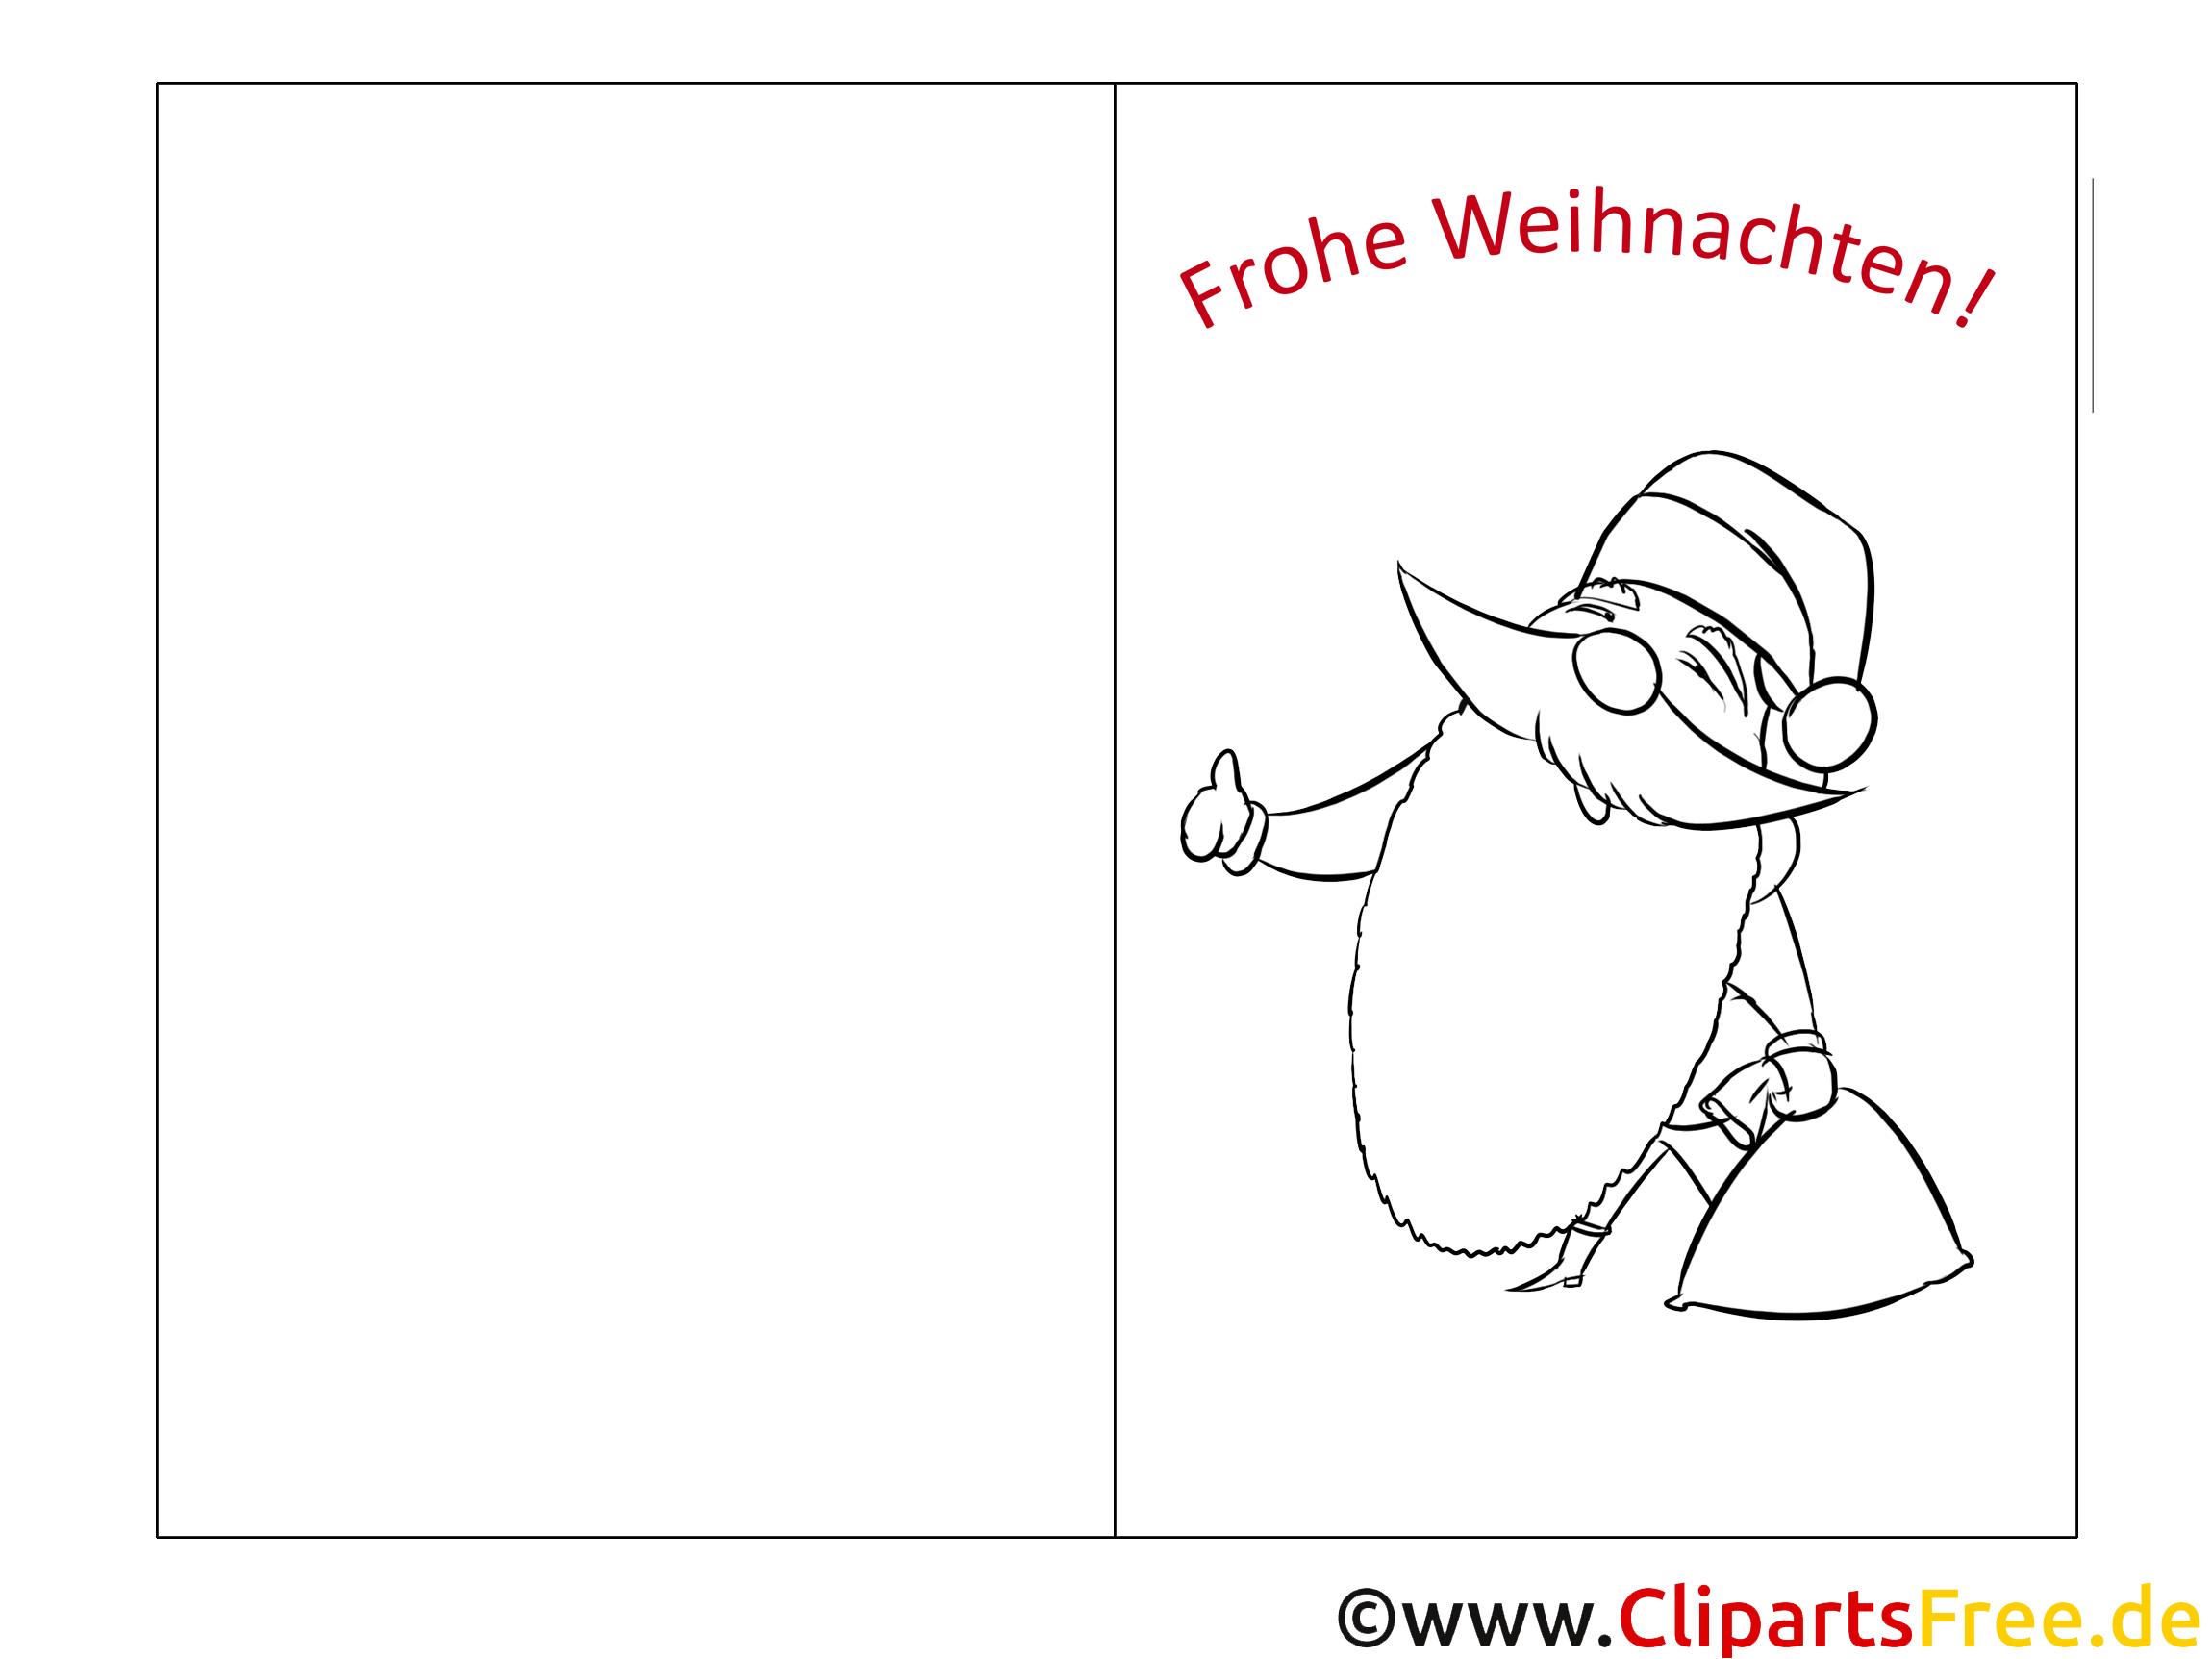 Weihnachtsmann Bärte Kostenlose Fensterbilder zu Weihnachten zum Ausdrucken